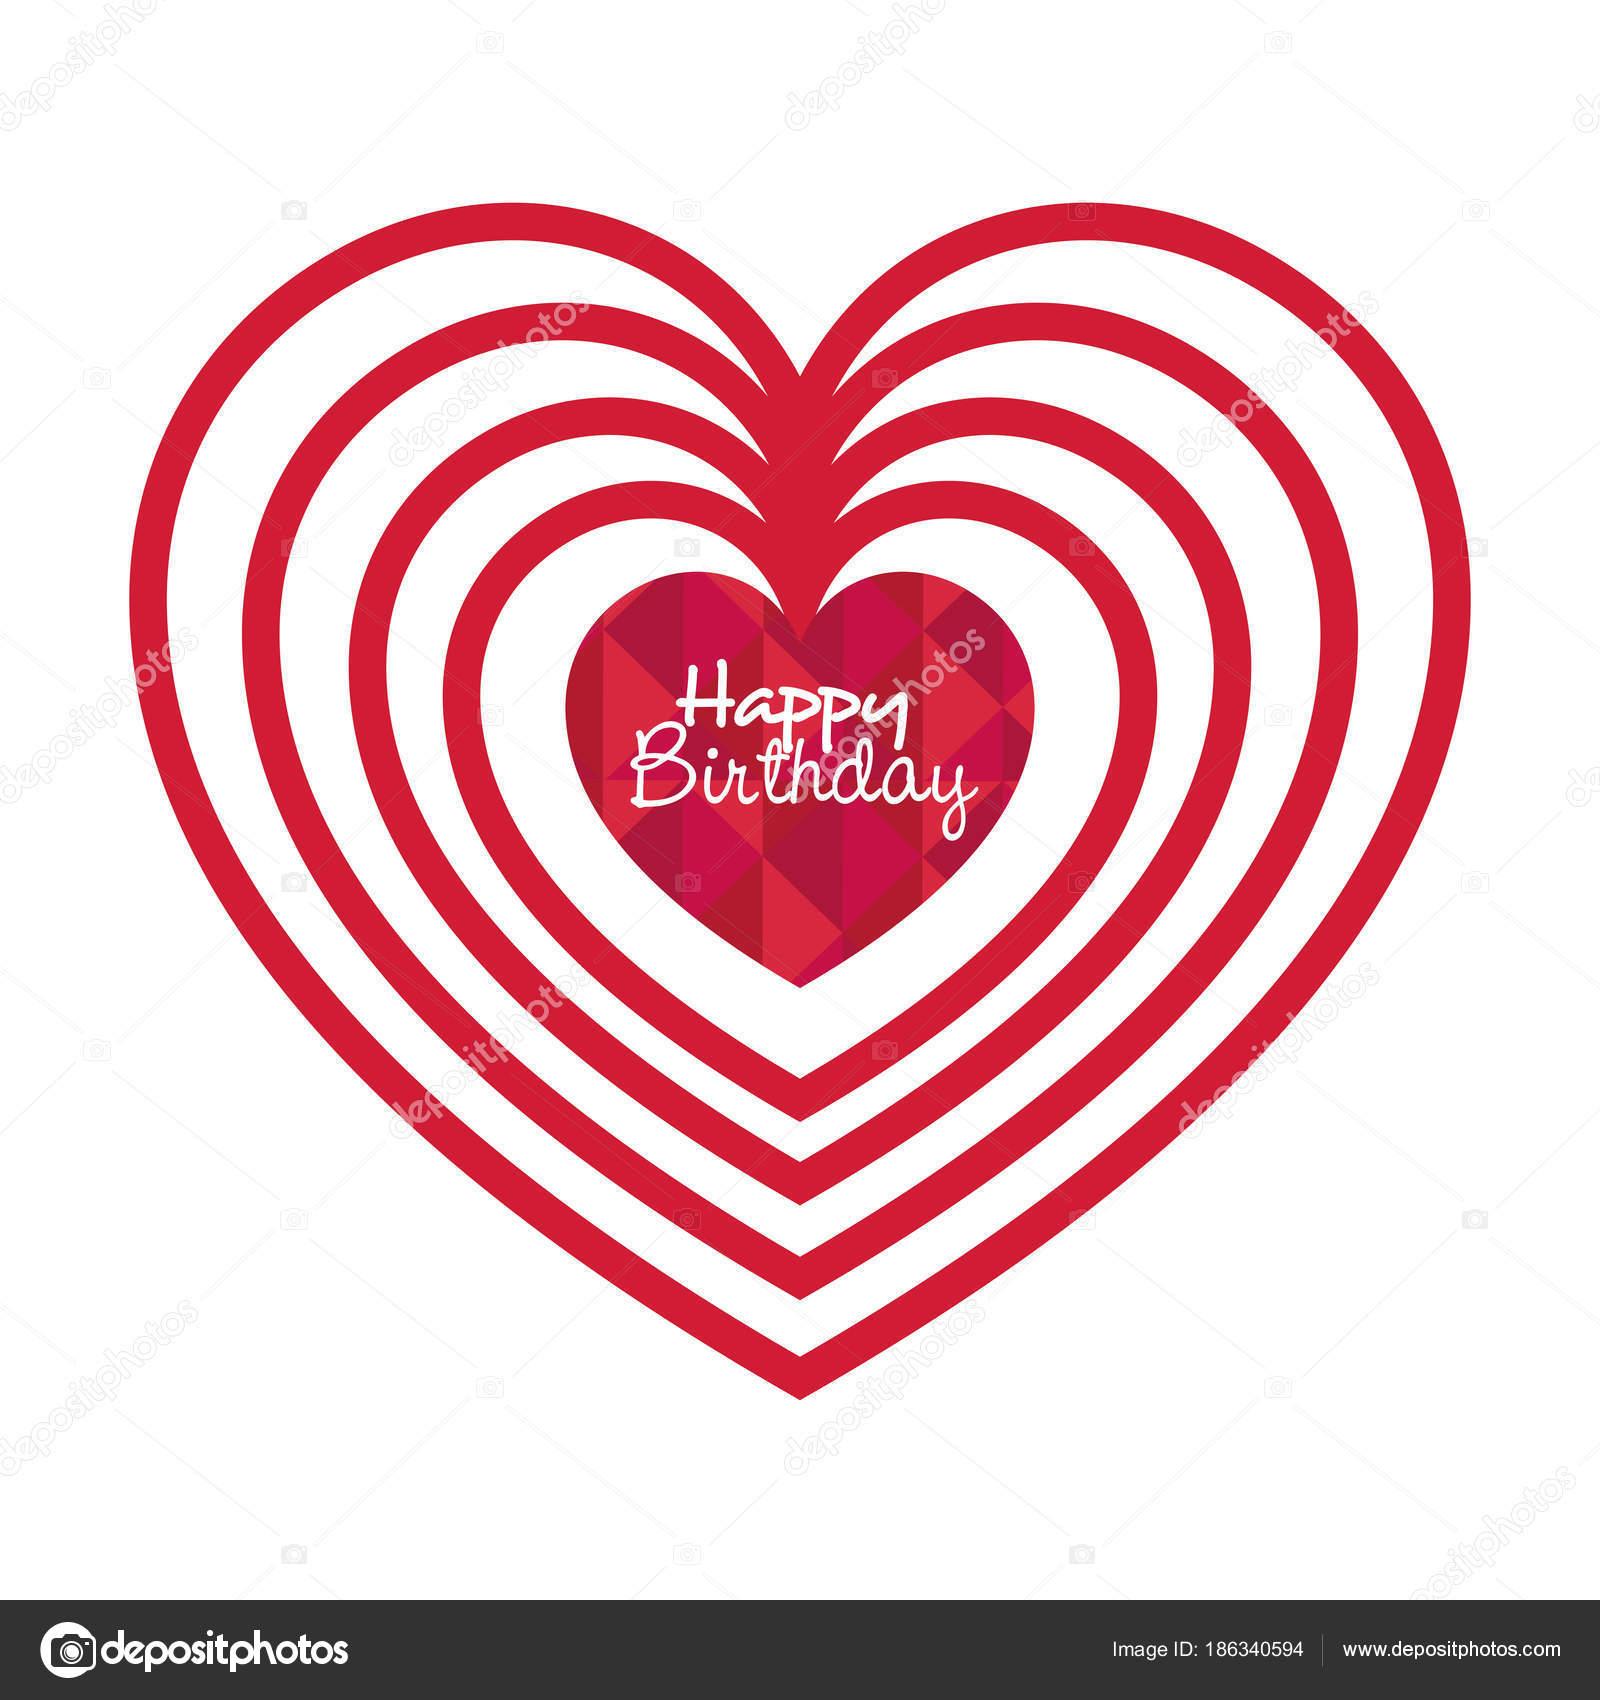 Joyeux Anniversaire Carte Avec Coeur Amour Image Vectorielle Yupiramos C 186340594